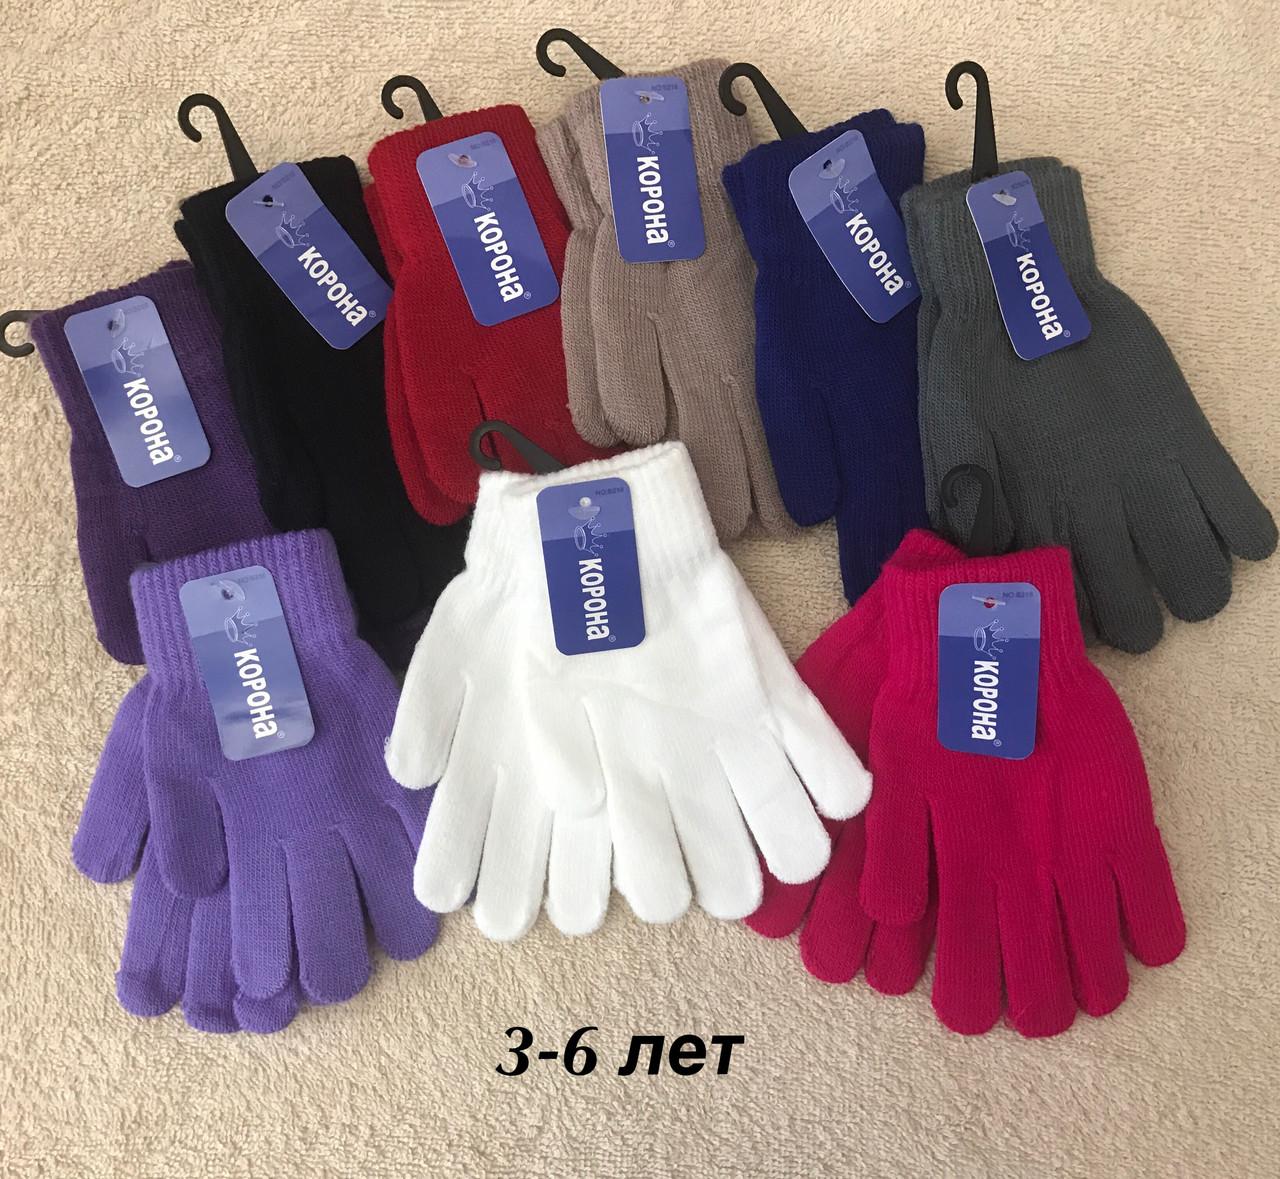 Перчатки детские с начёсом, утеплённые перчатки для девочки